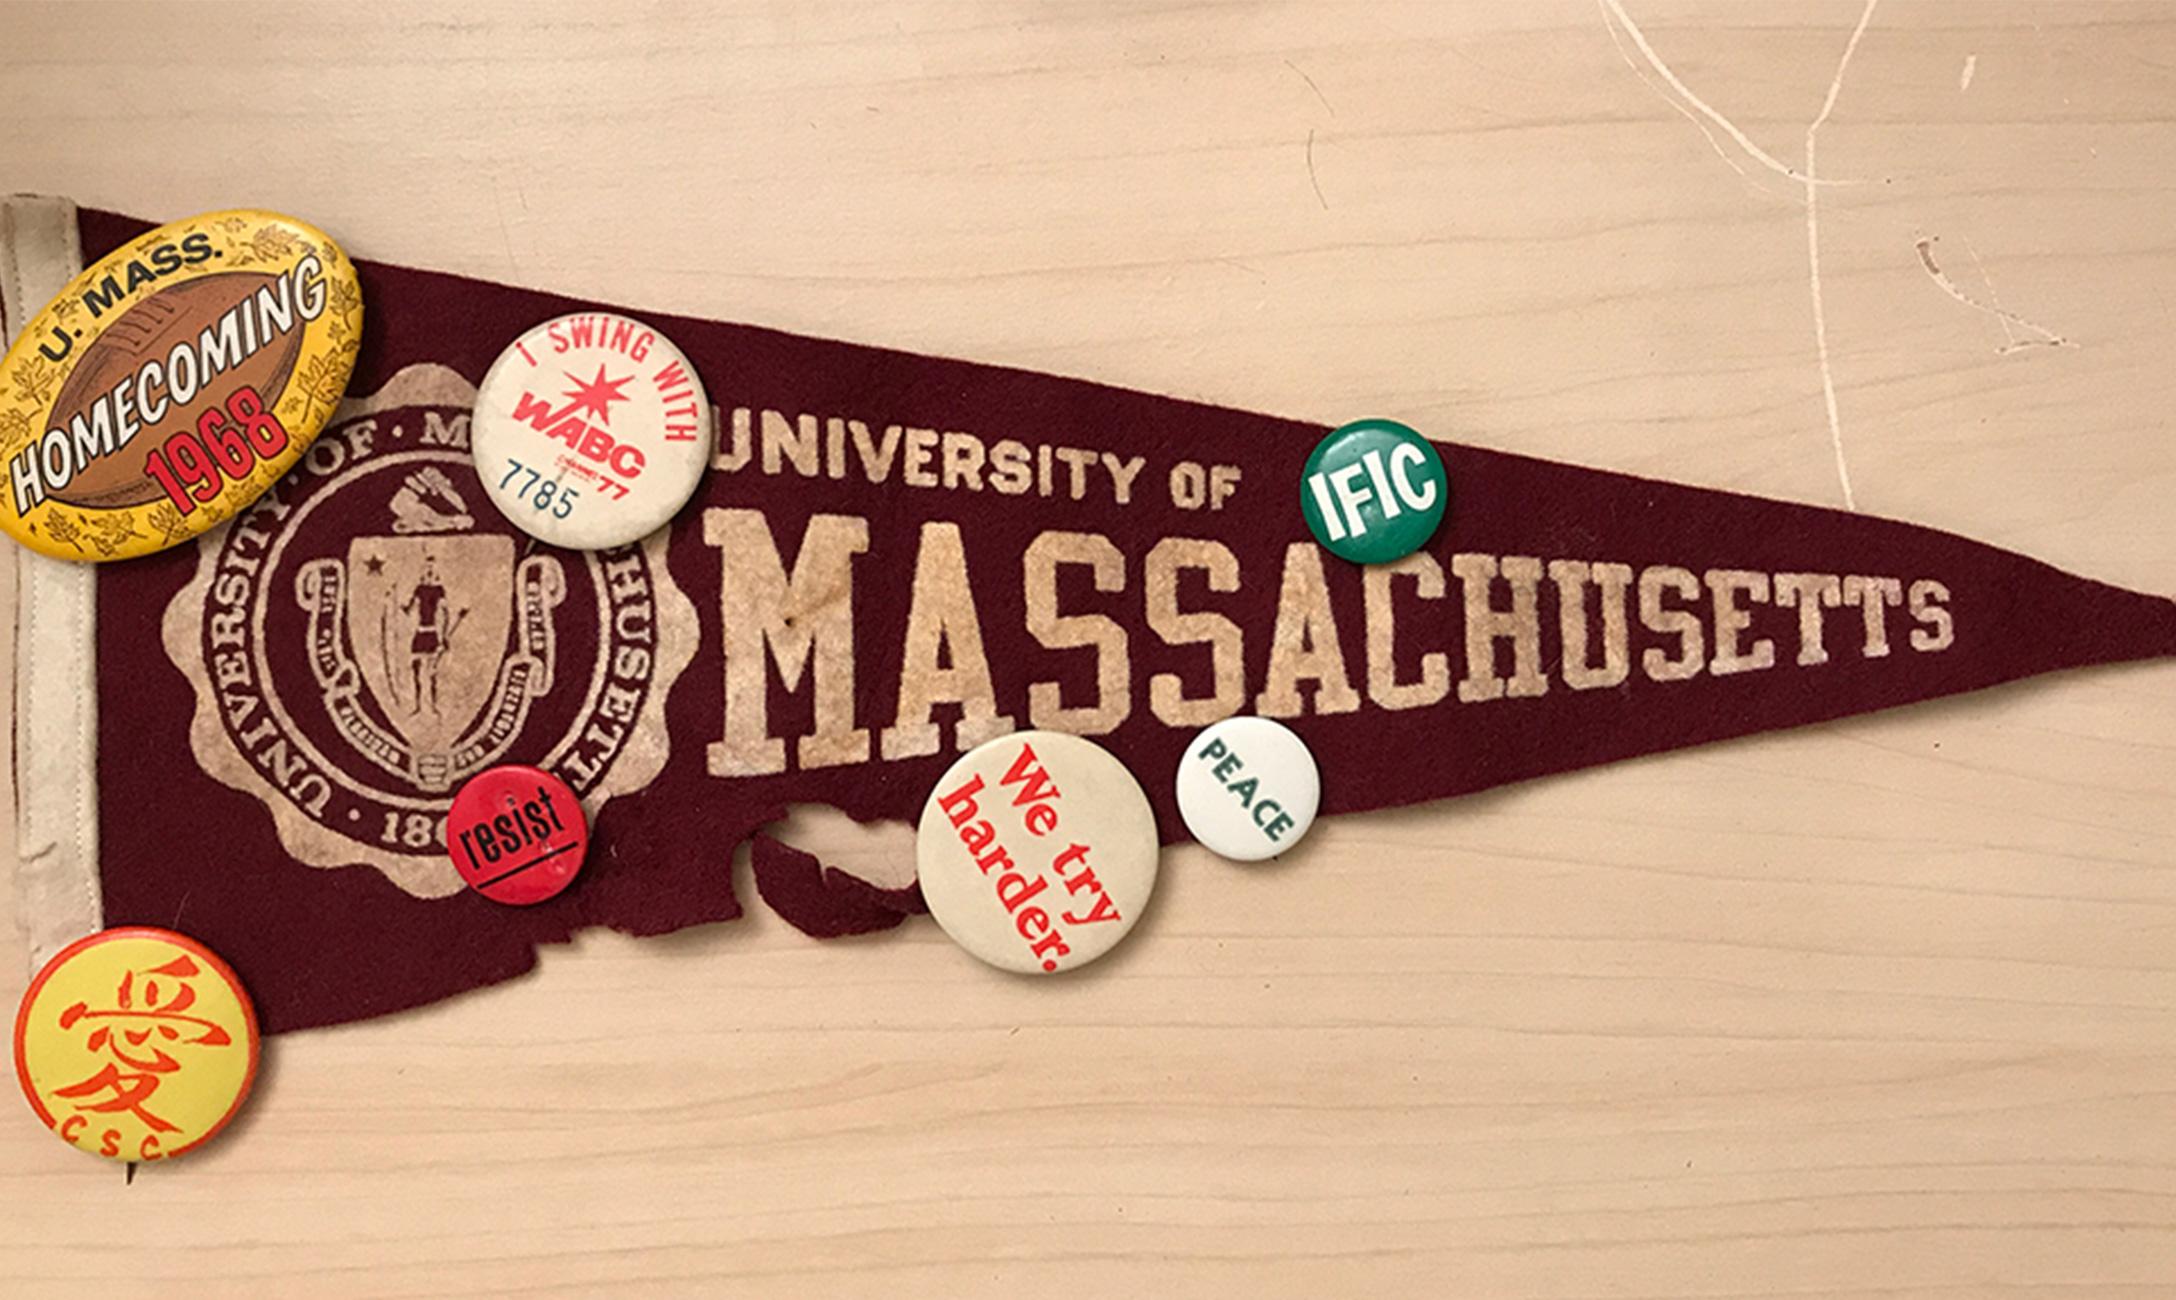 UMass flag studded with pins.